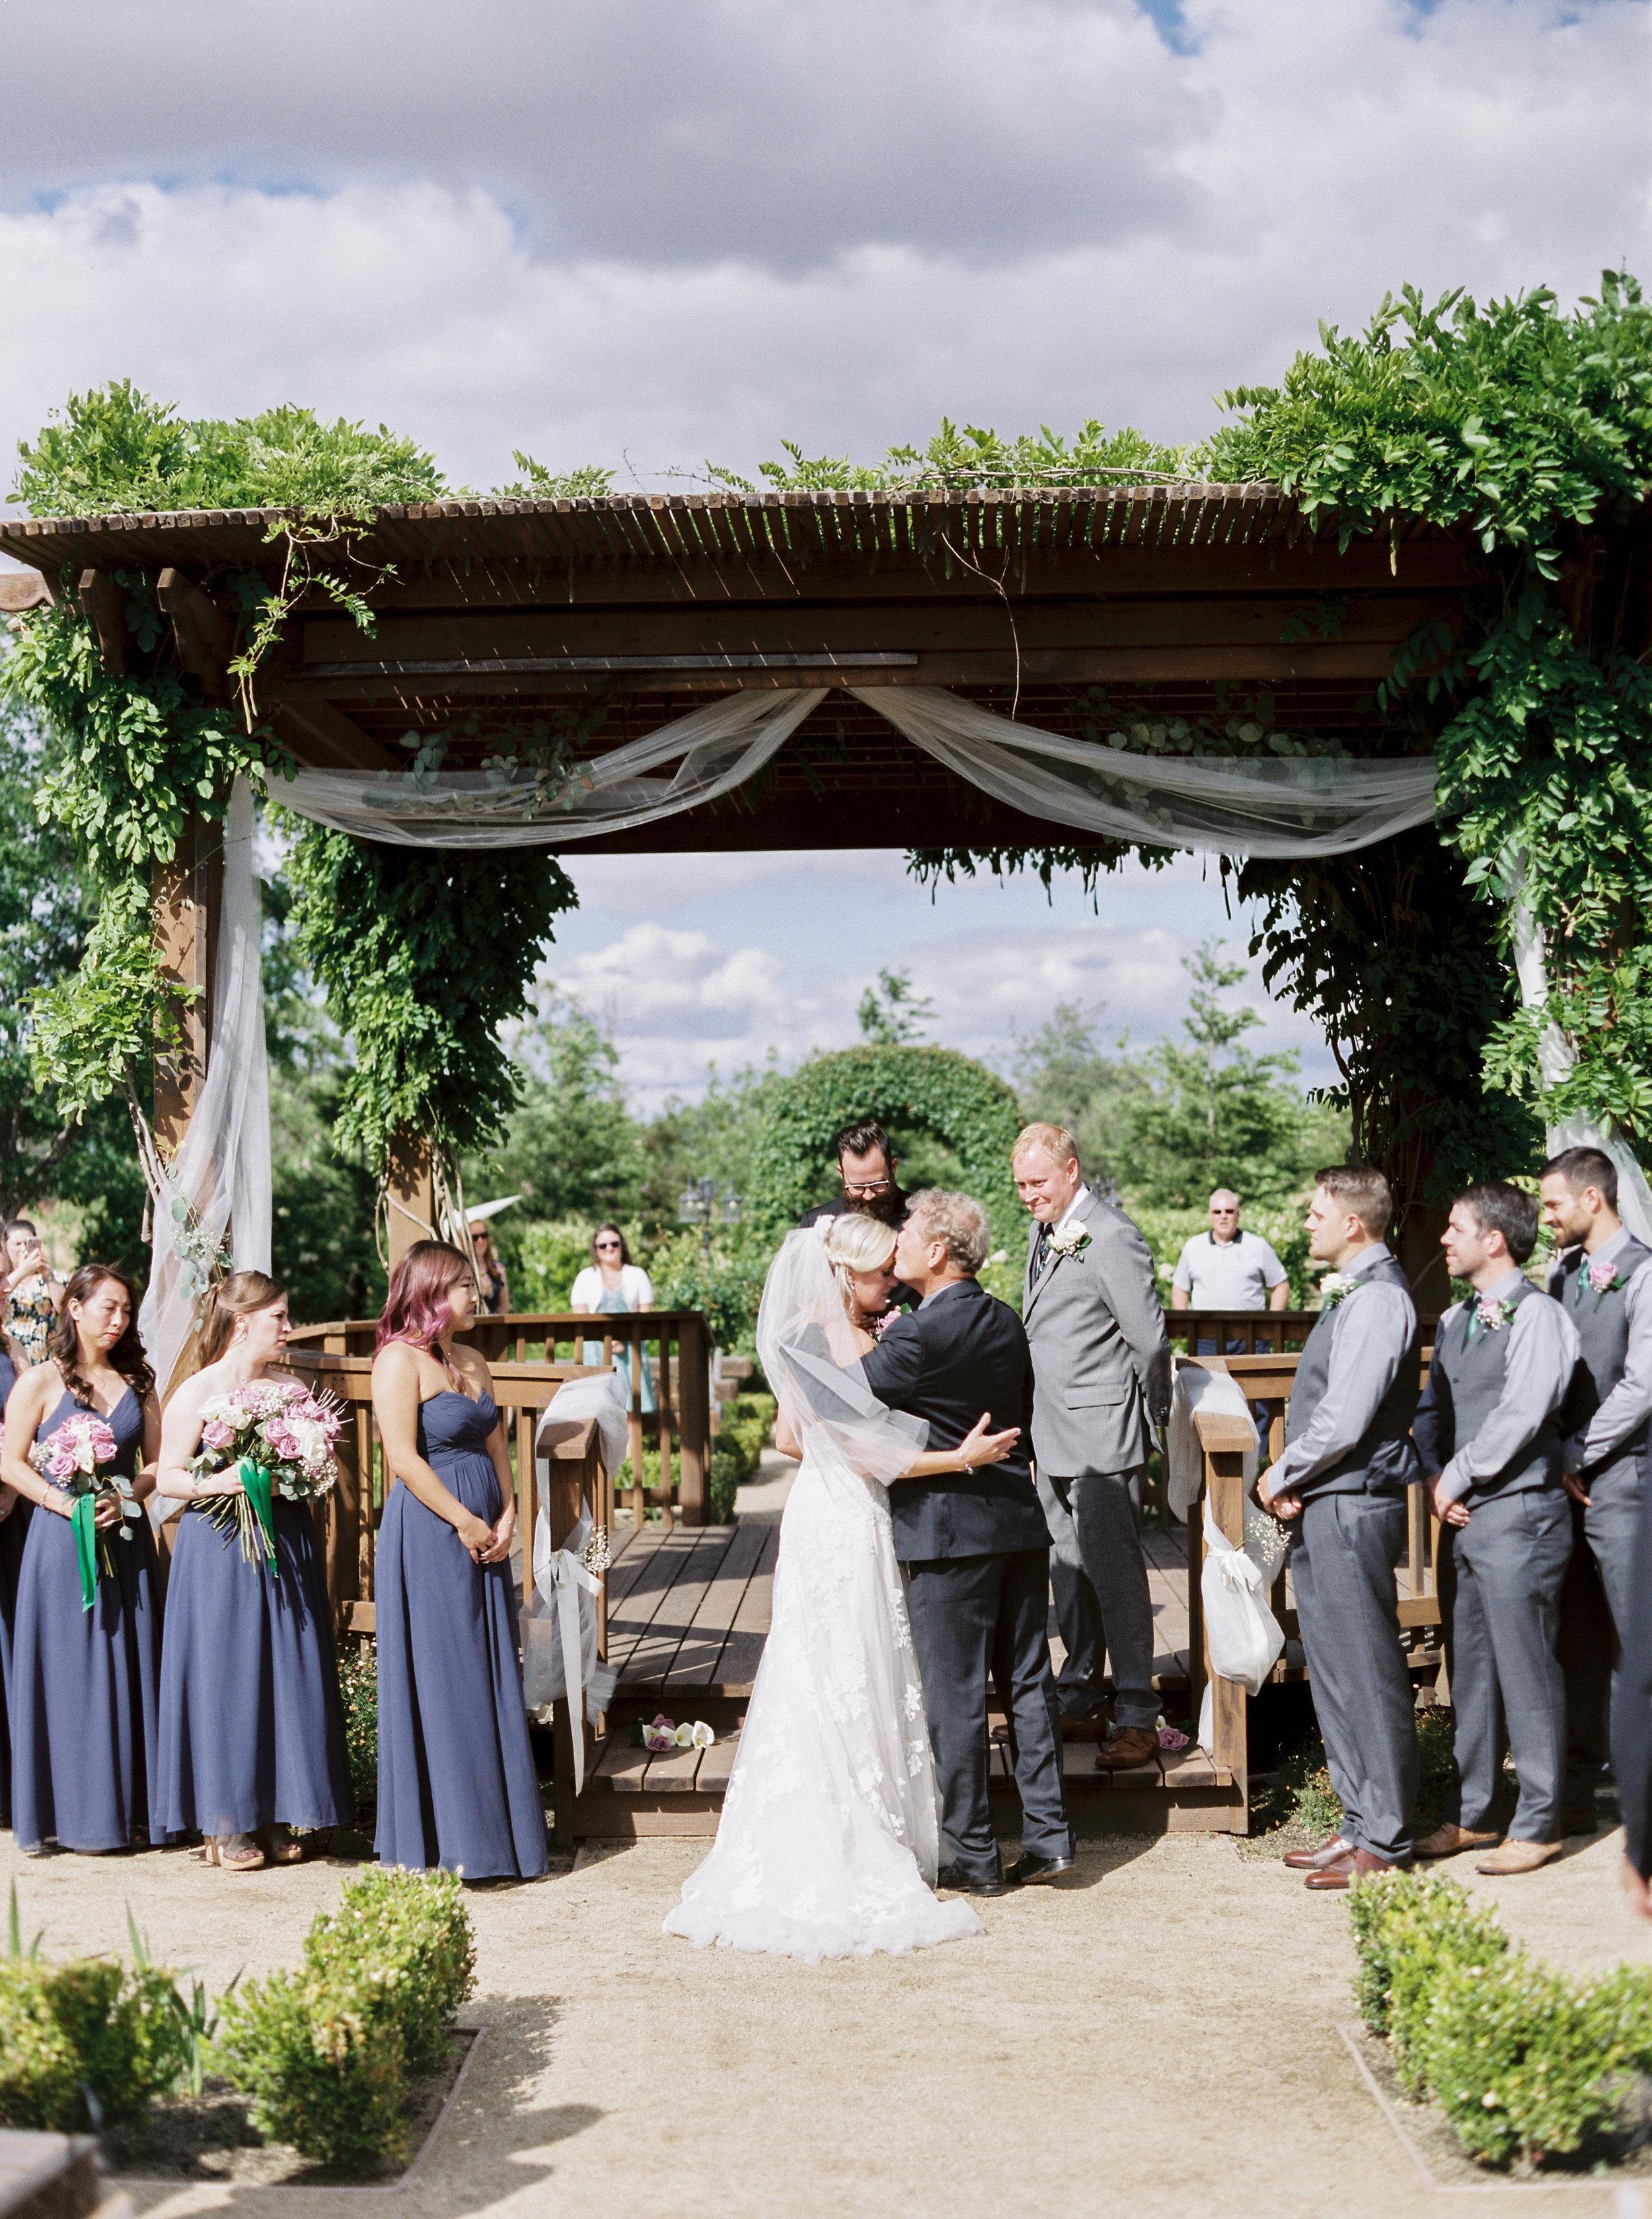 wolfe-heights-event-center-wedding-1-8.jpg